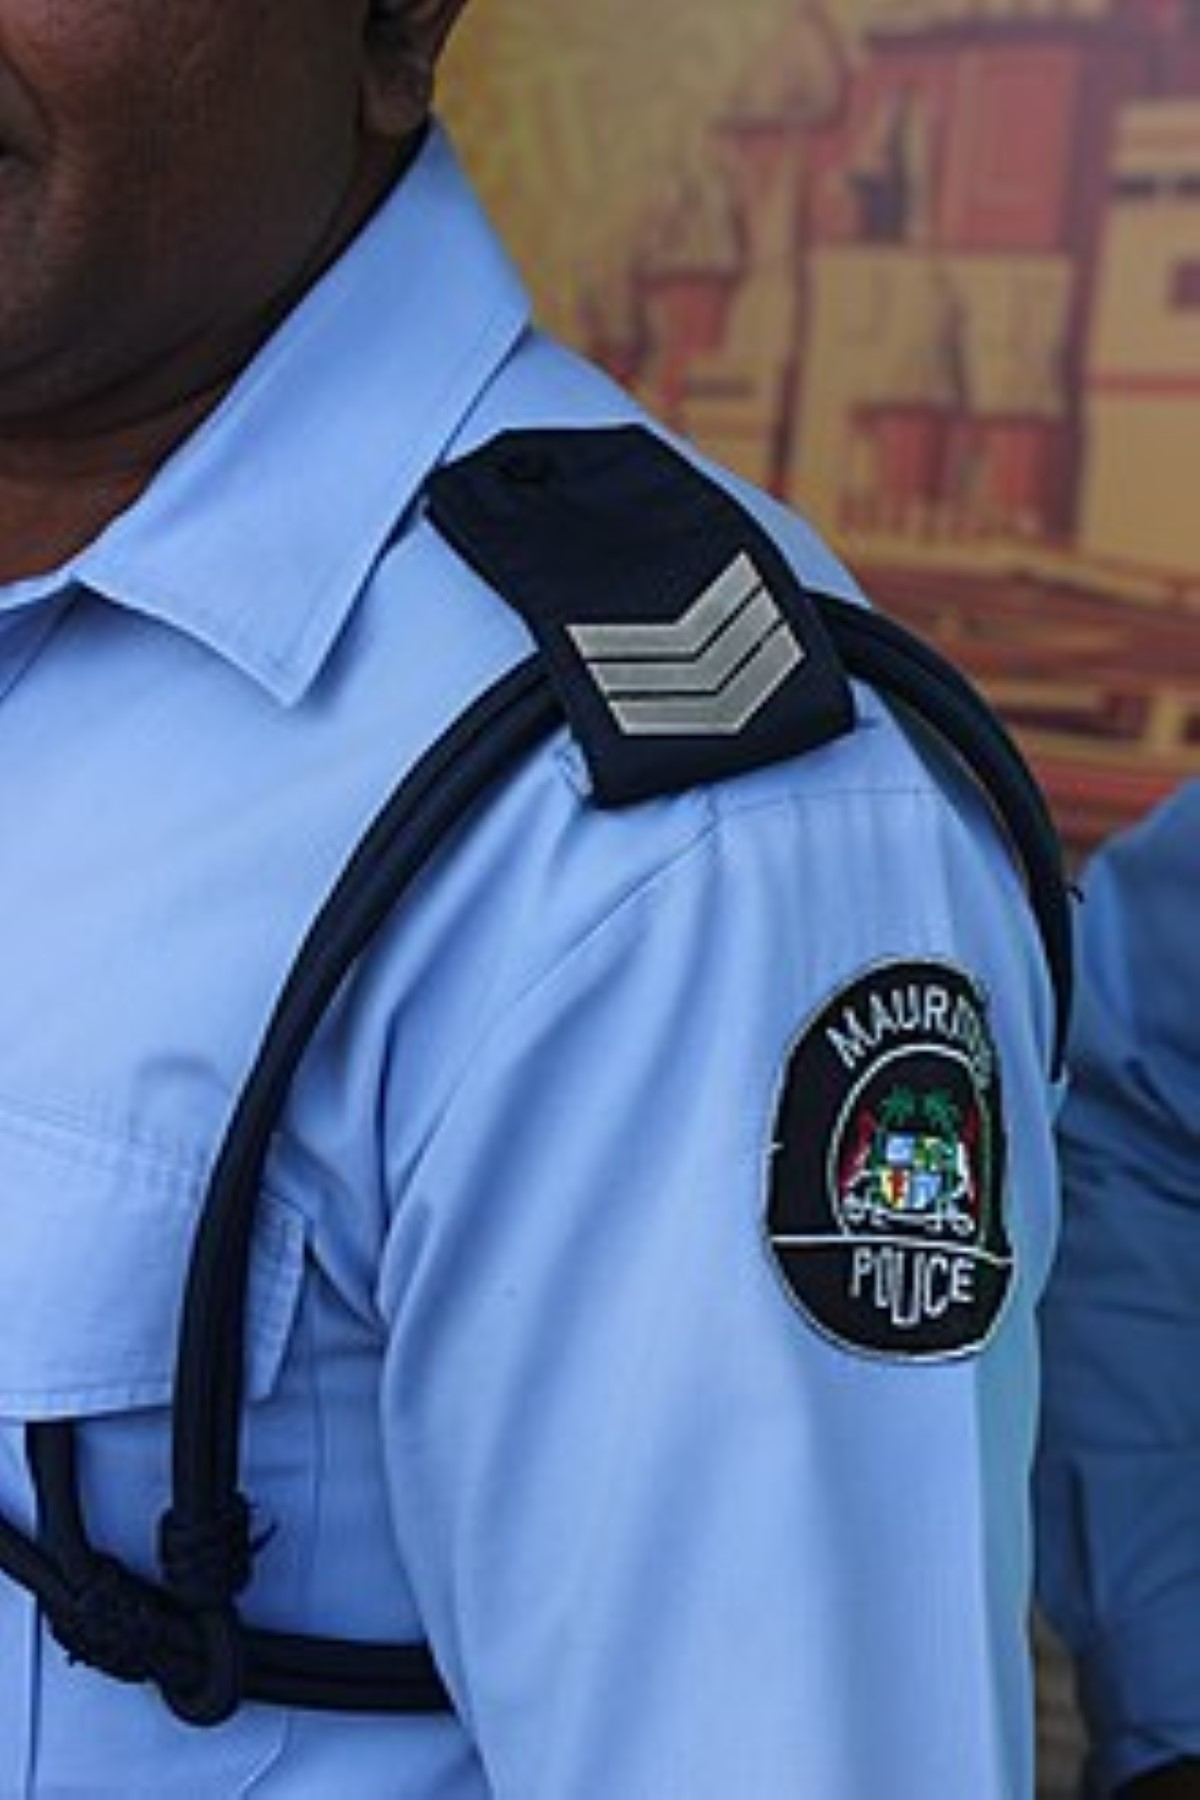 Un conducteur arrêté pour agression sur policier